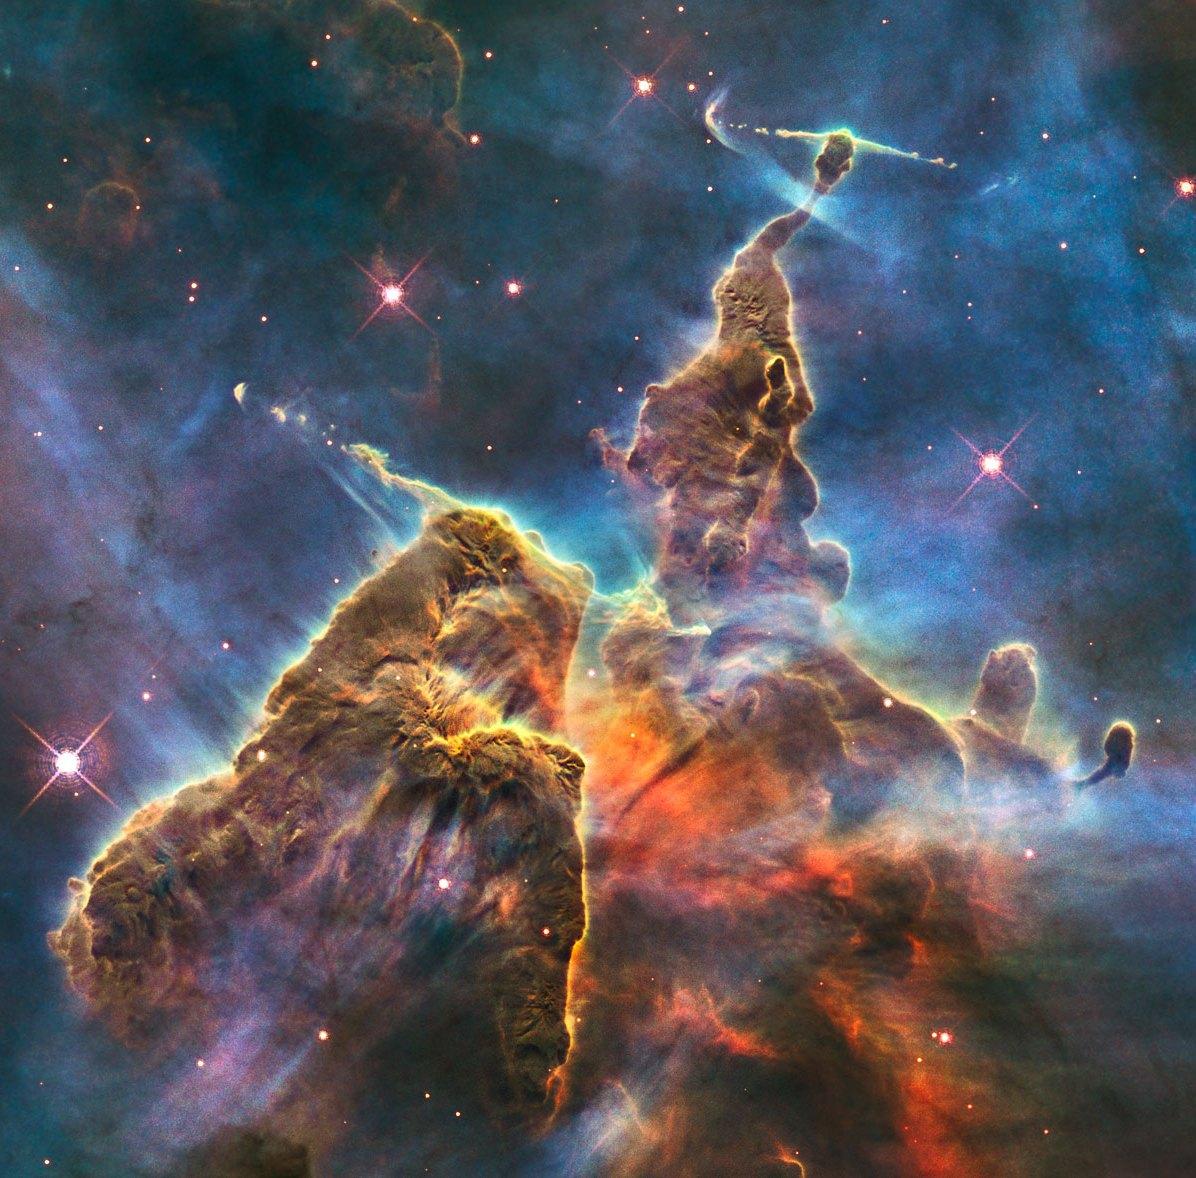 """Ten krajobraz rodem z """"Władcy Pierścieni"""" to Mgławica Carina znajdująca się w gwiazdozbiorze Kila. Jest jedną z największych i najjaśniejszych odkrytych mgławic. Fot. NASA/ESA"""